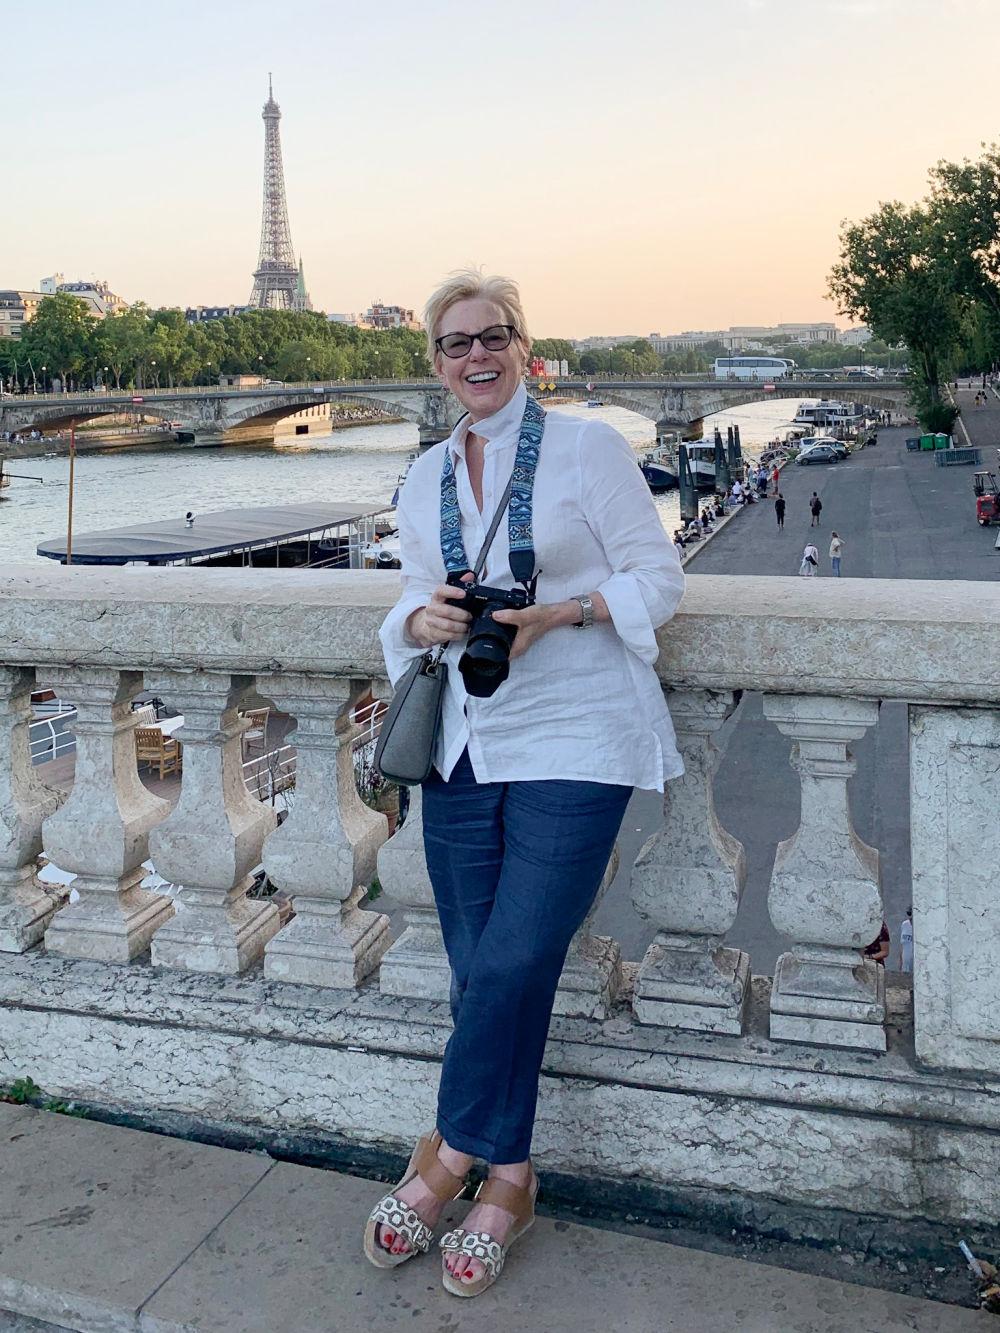 Susan B. of une femme d'un certain age wears a linen shirt and pants in Paris.